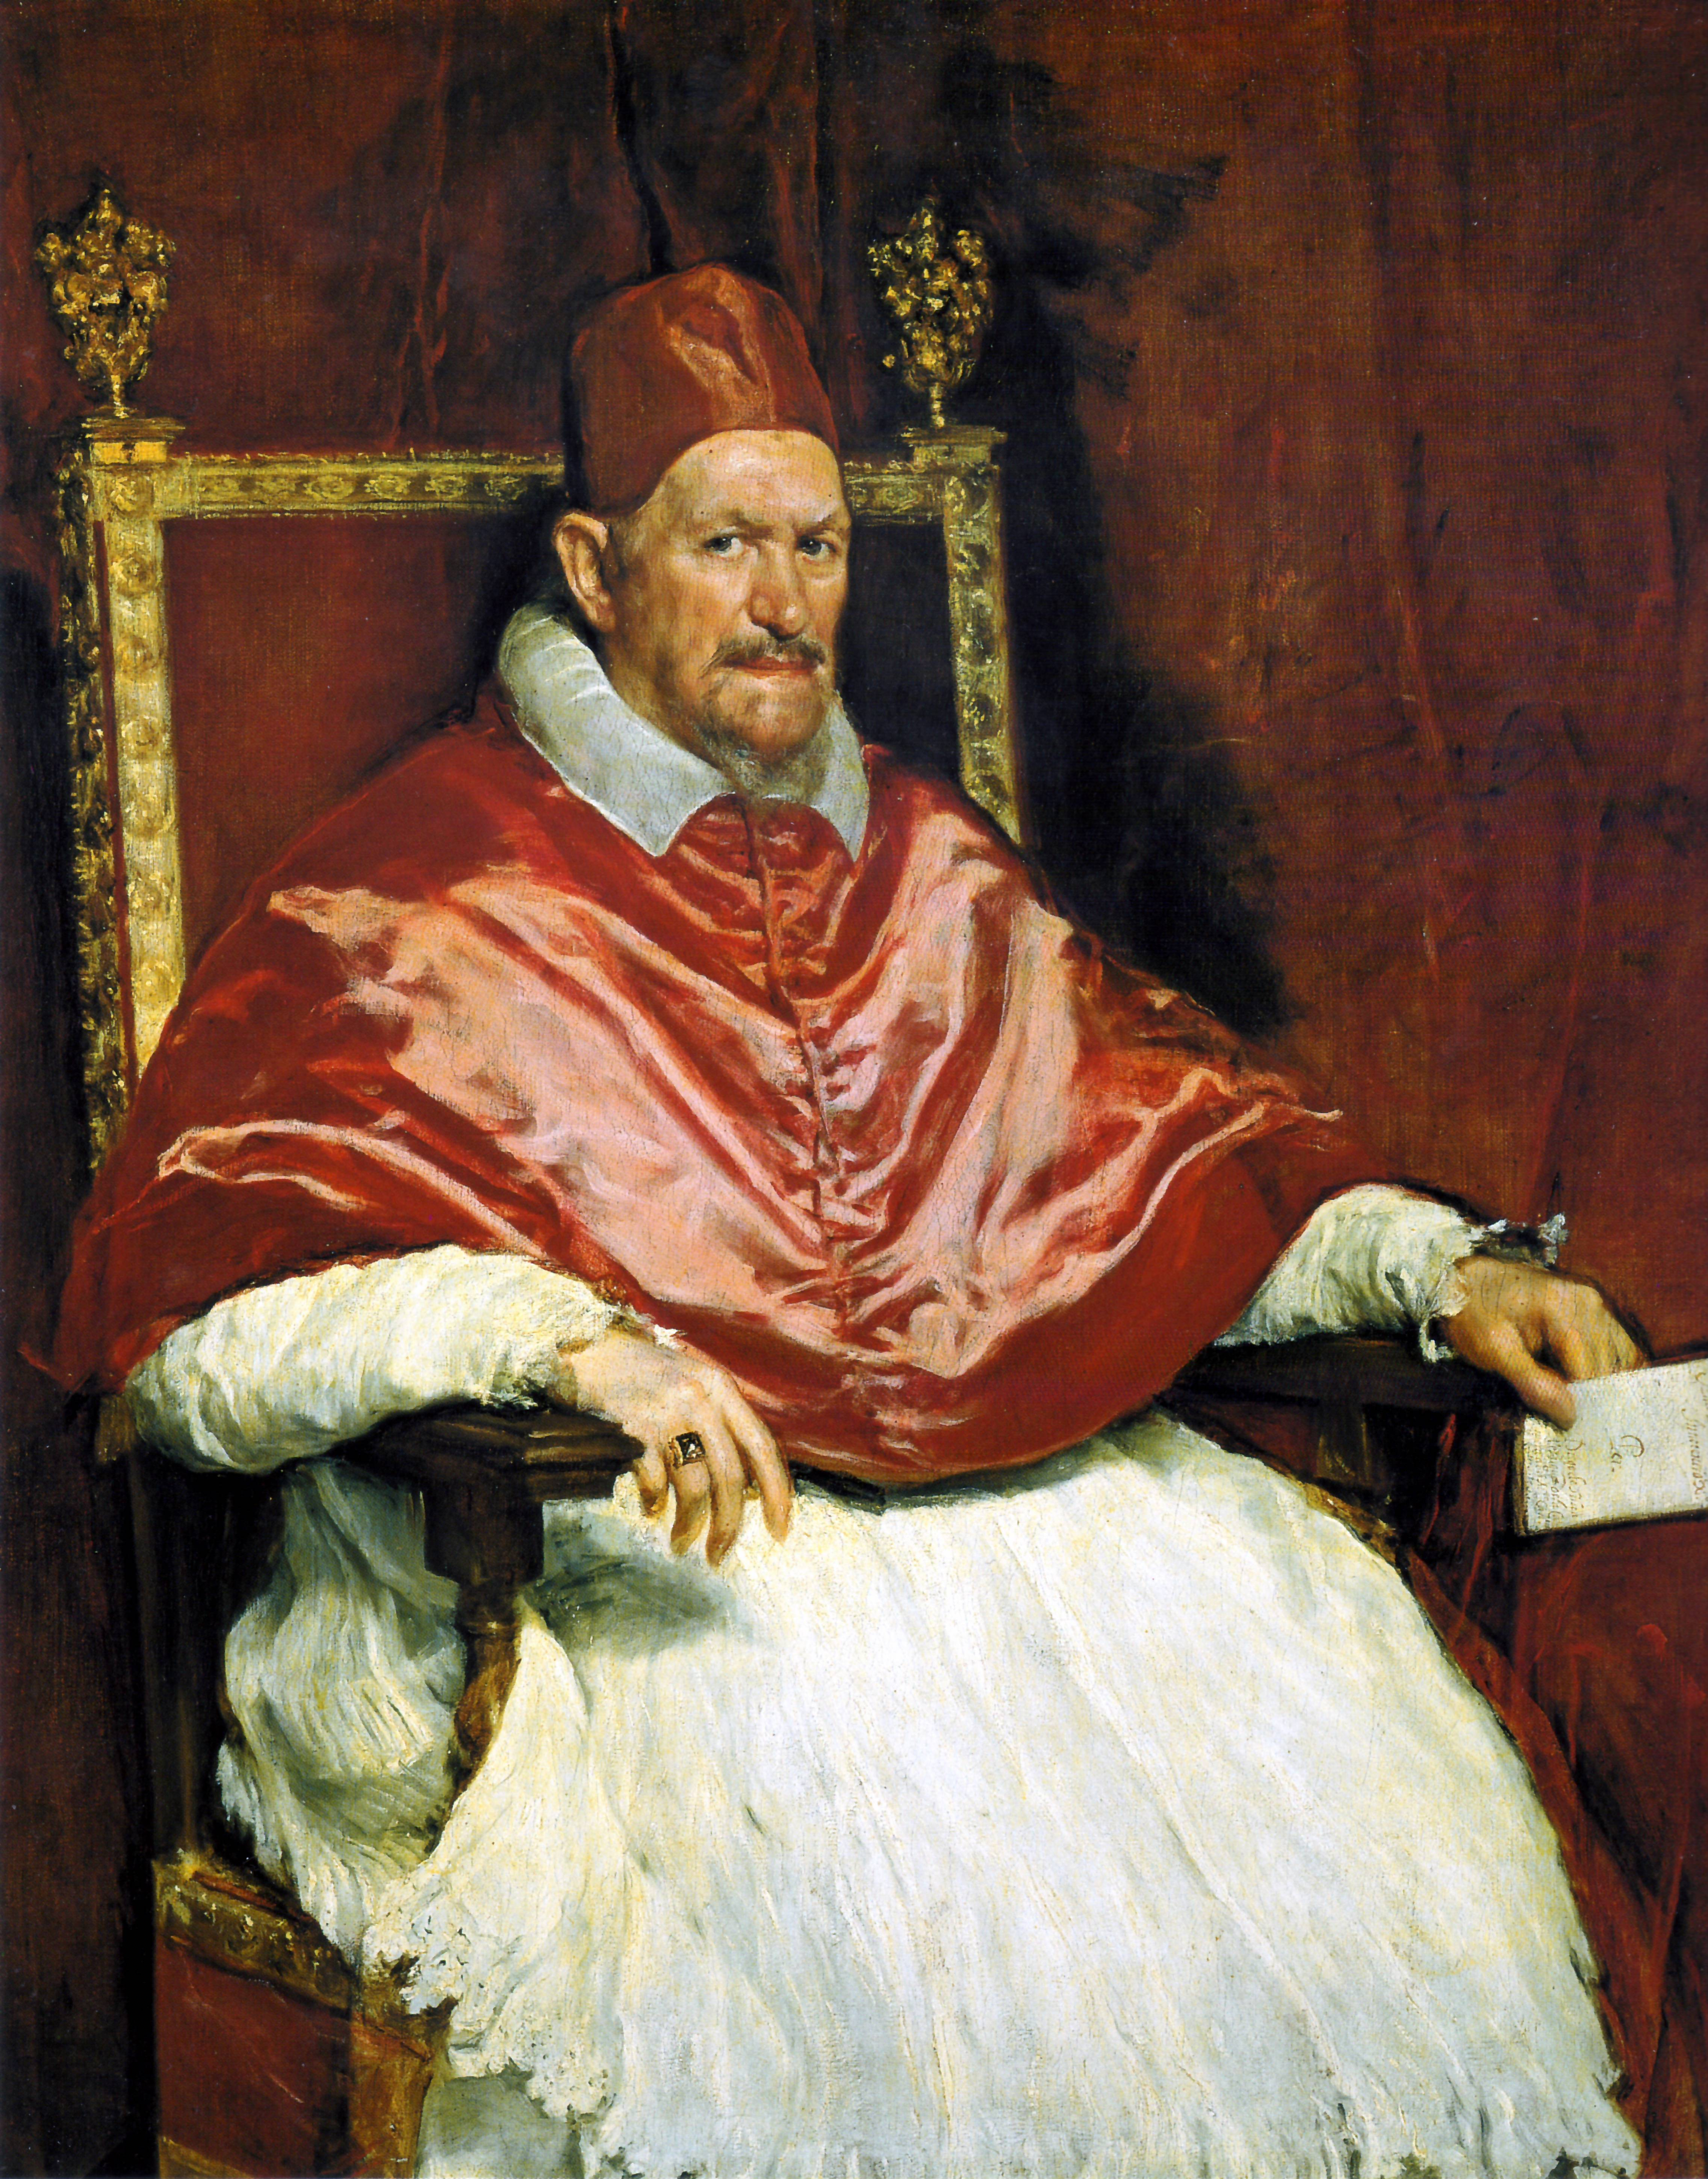 Retrato_del_Papa_Inocencio_X._Roma,_by_Diego_Velázquez